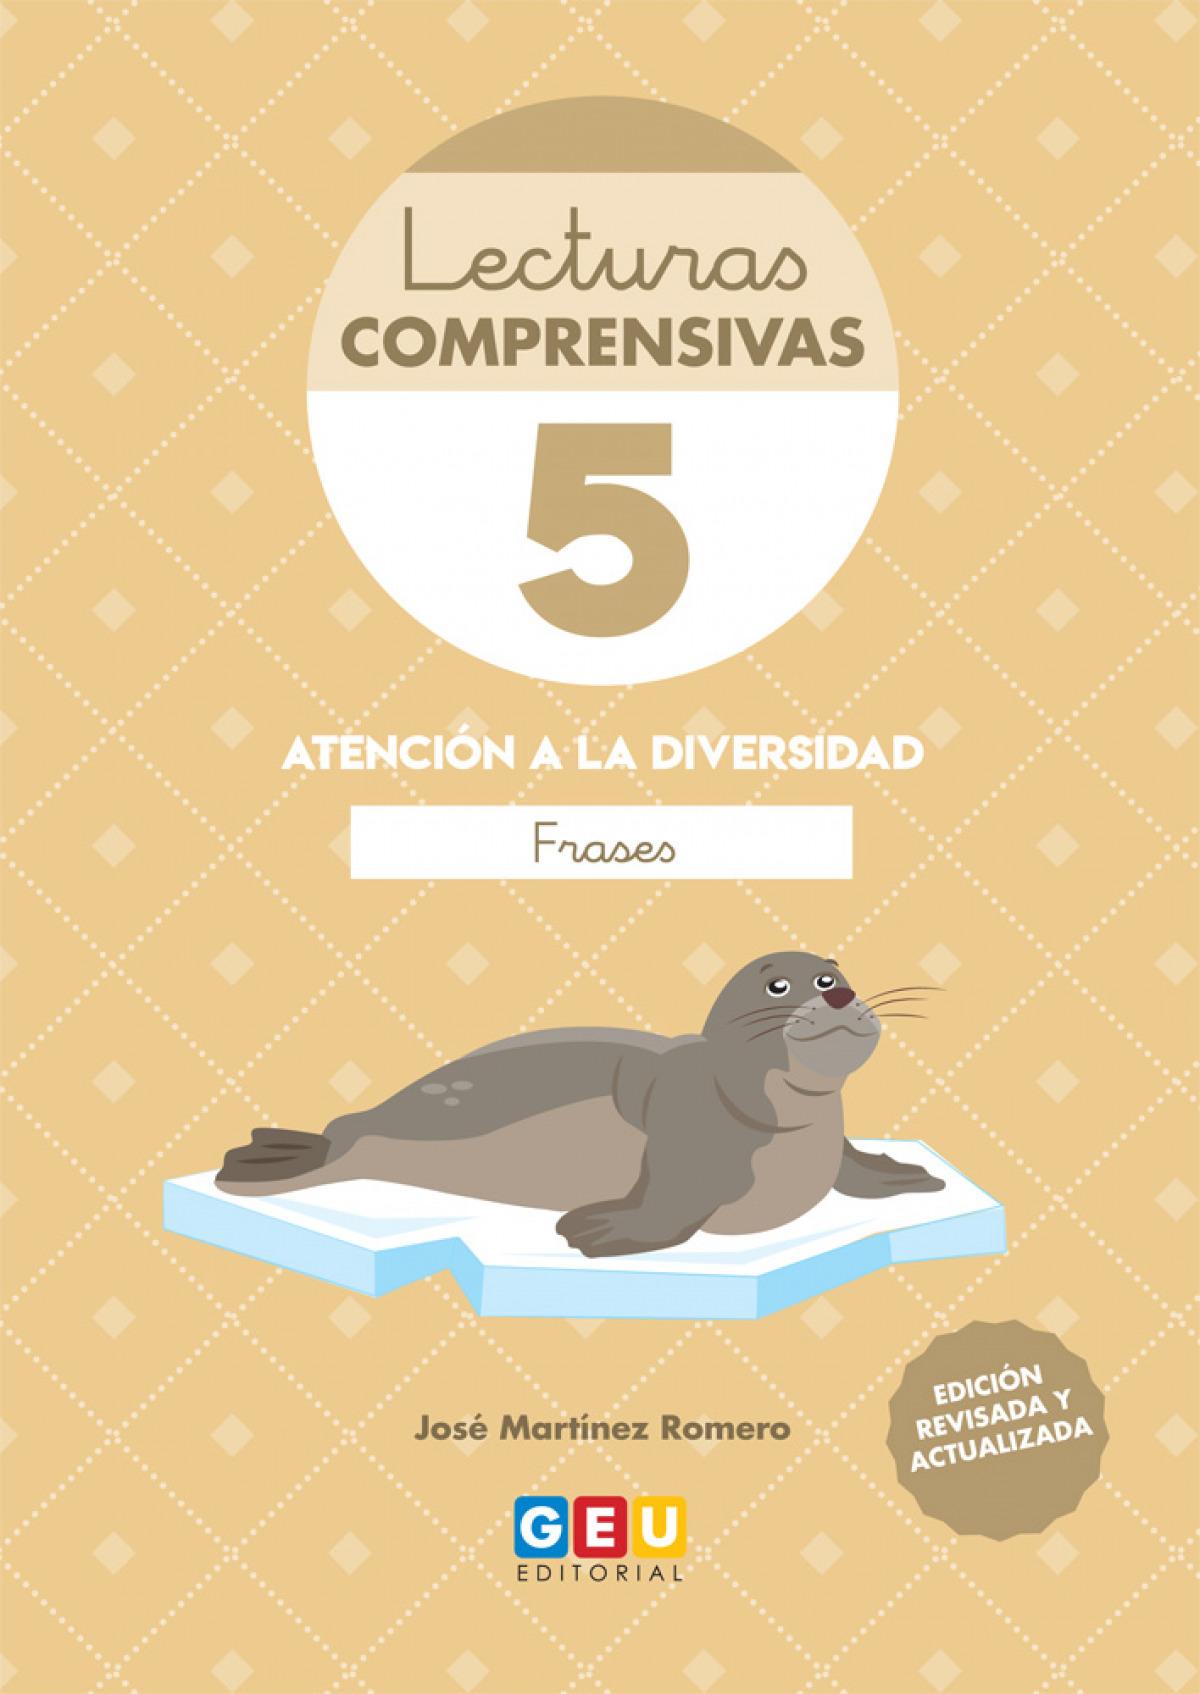 LECTURAS COMPRENSIVAS 5 FRASES 9788417748388